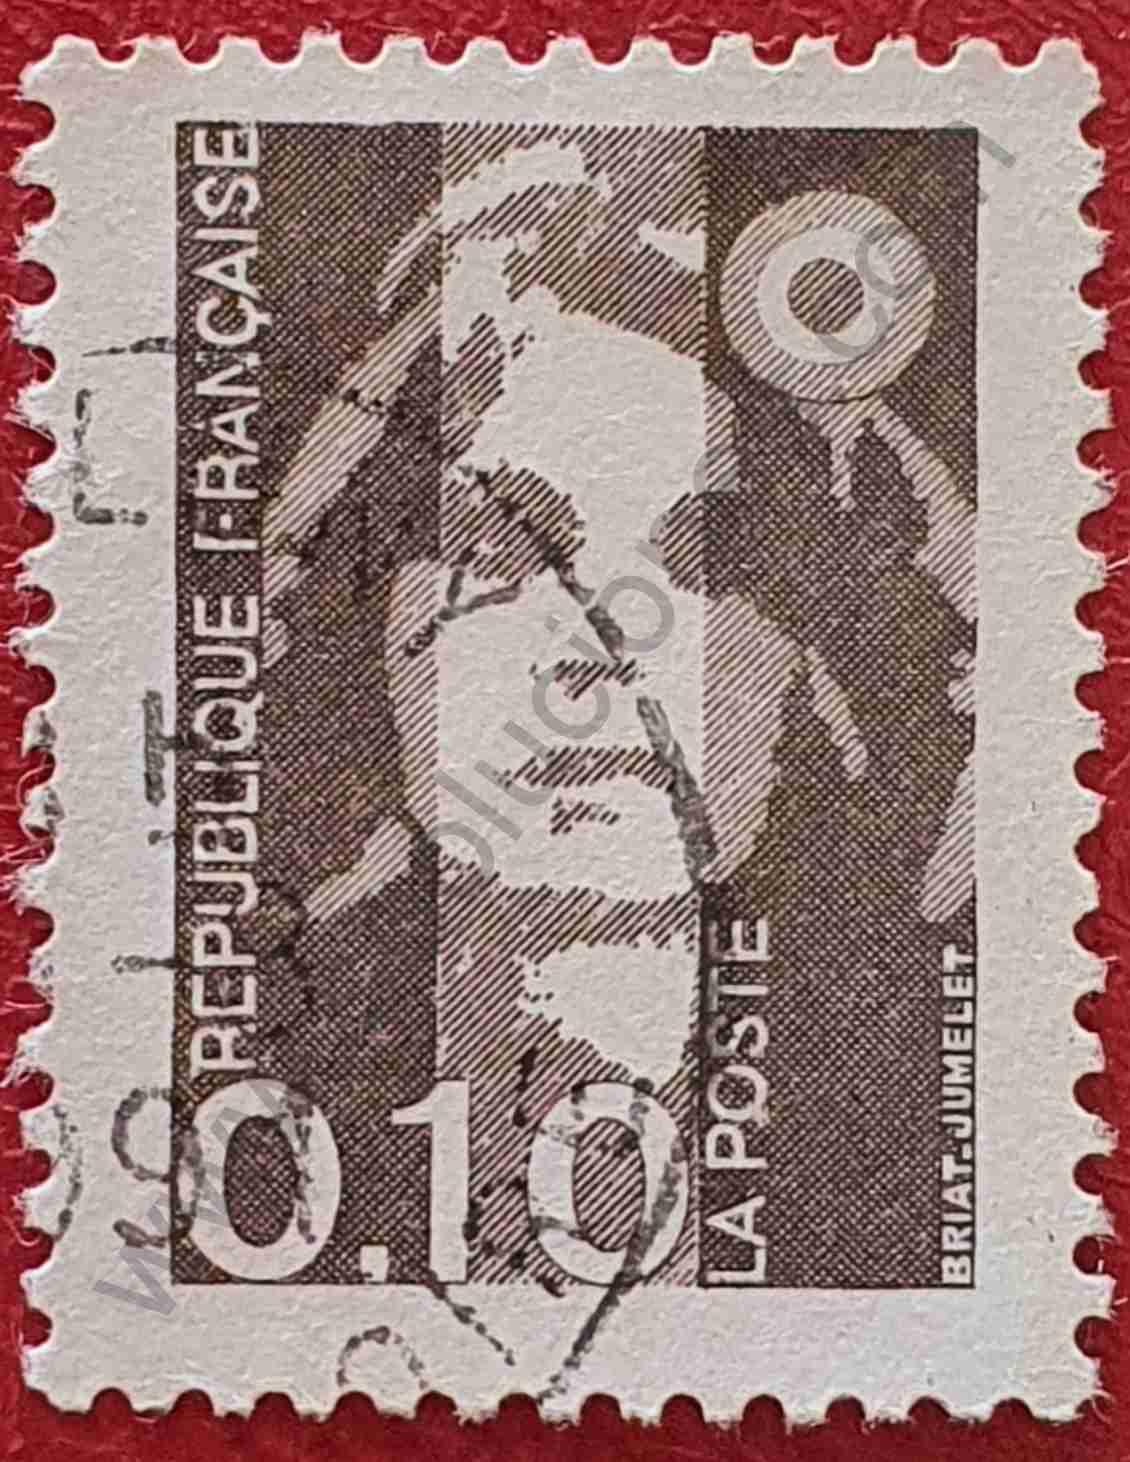 Marianne de Briat 0'10F - Sello Francia 1990